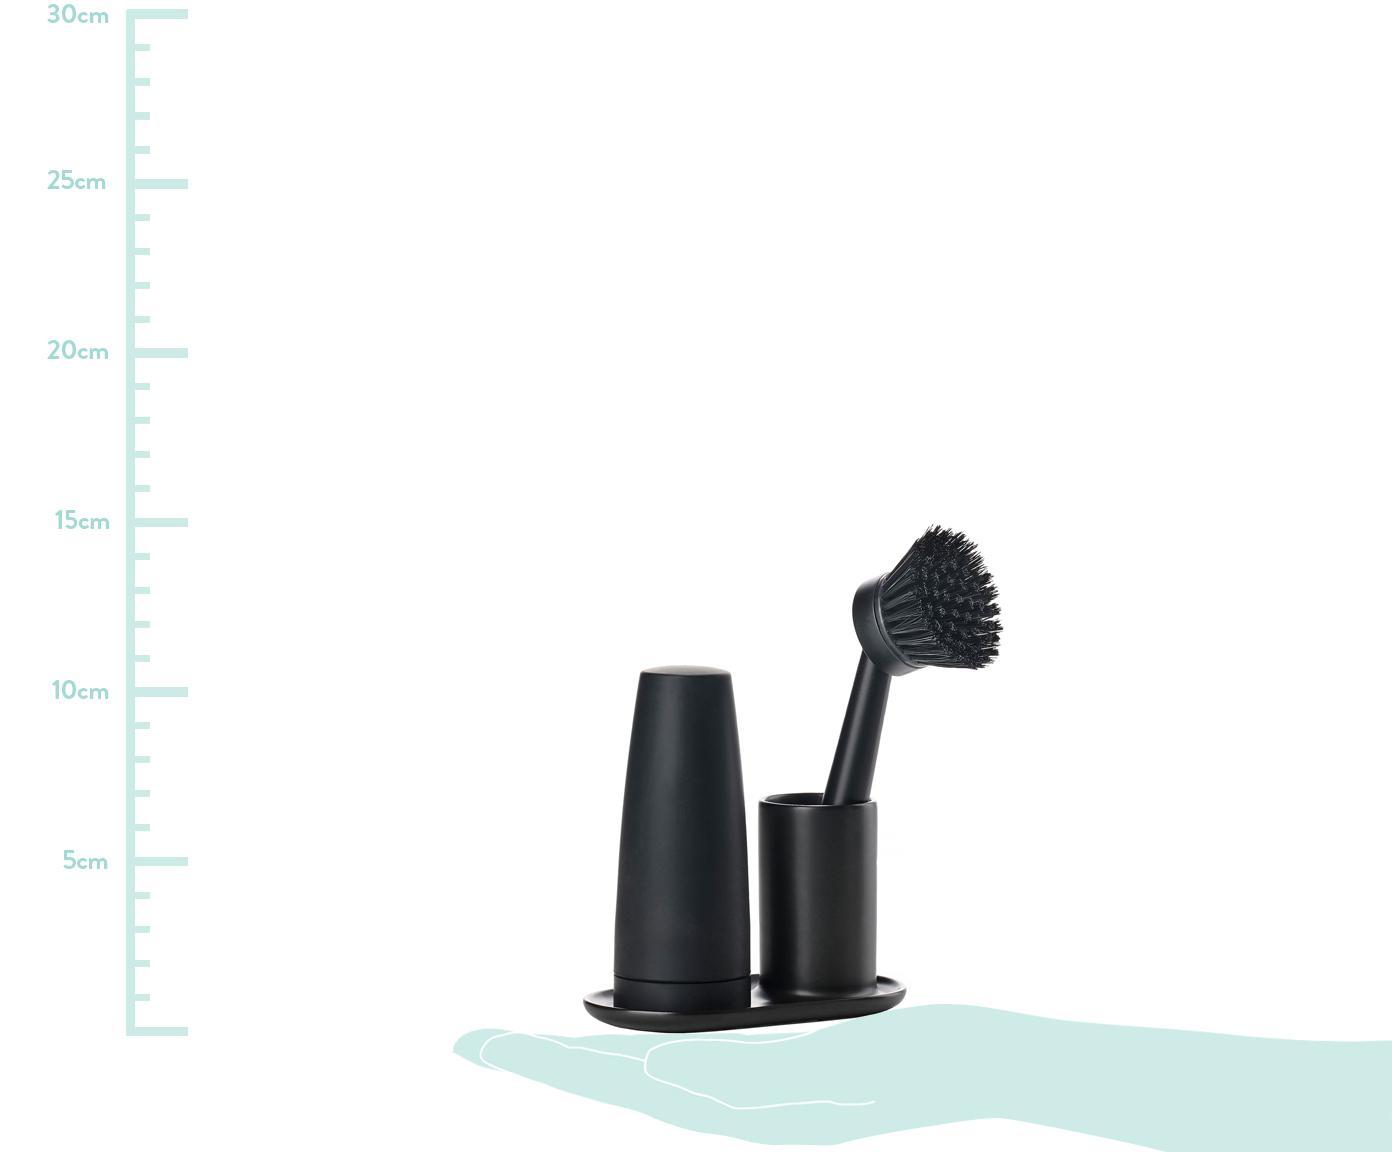 Komplet dozownika na płyn do mycia naczyń i szczotki Plain, 3 elem., Ceramika, tworzywo sztuczne (ABS), silikon, Czarny, S 15 x G 8 cm